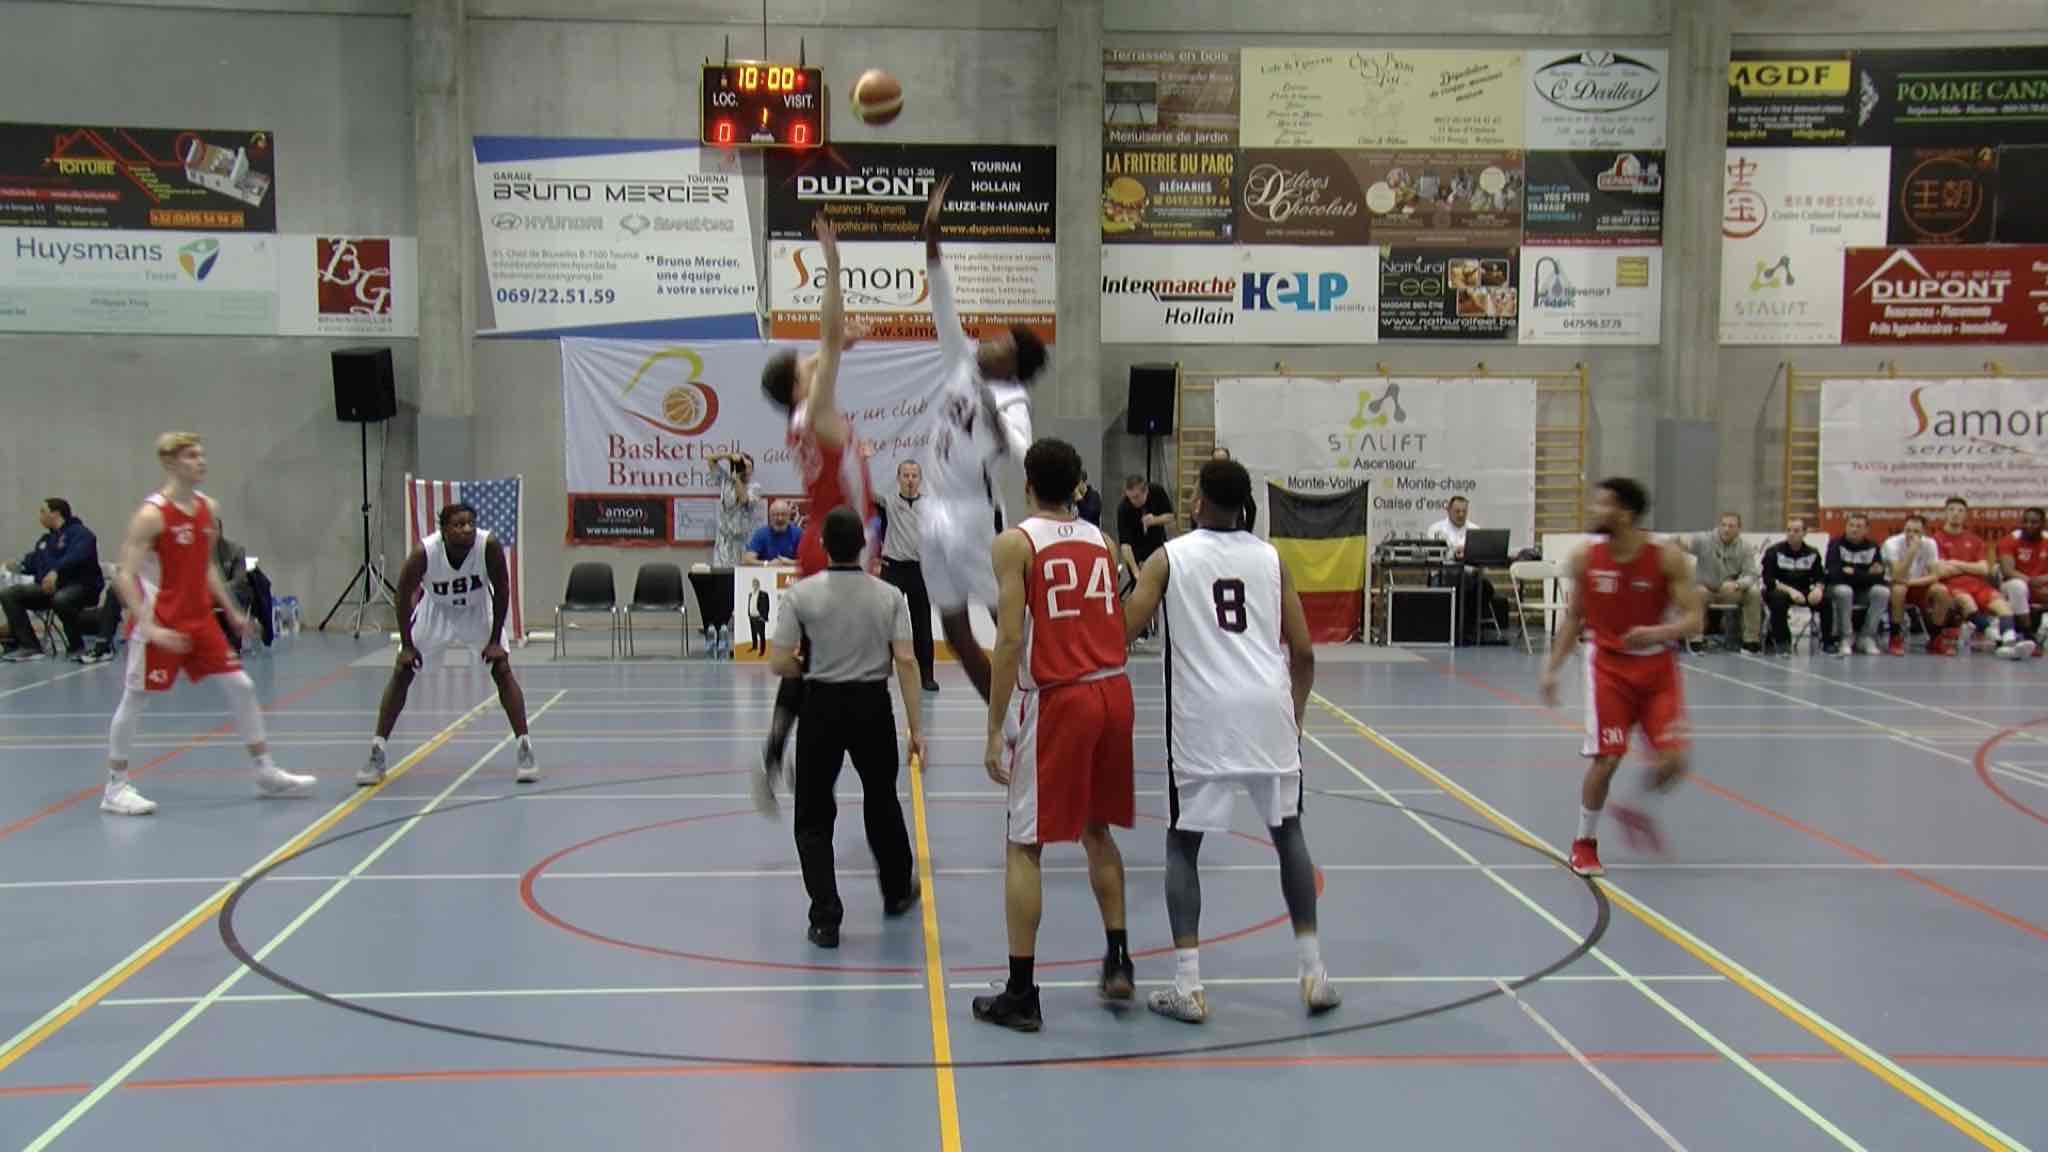 Basket-ball : la Team USA fait vibrer le Brunehall